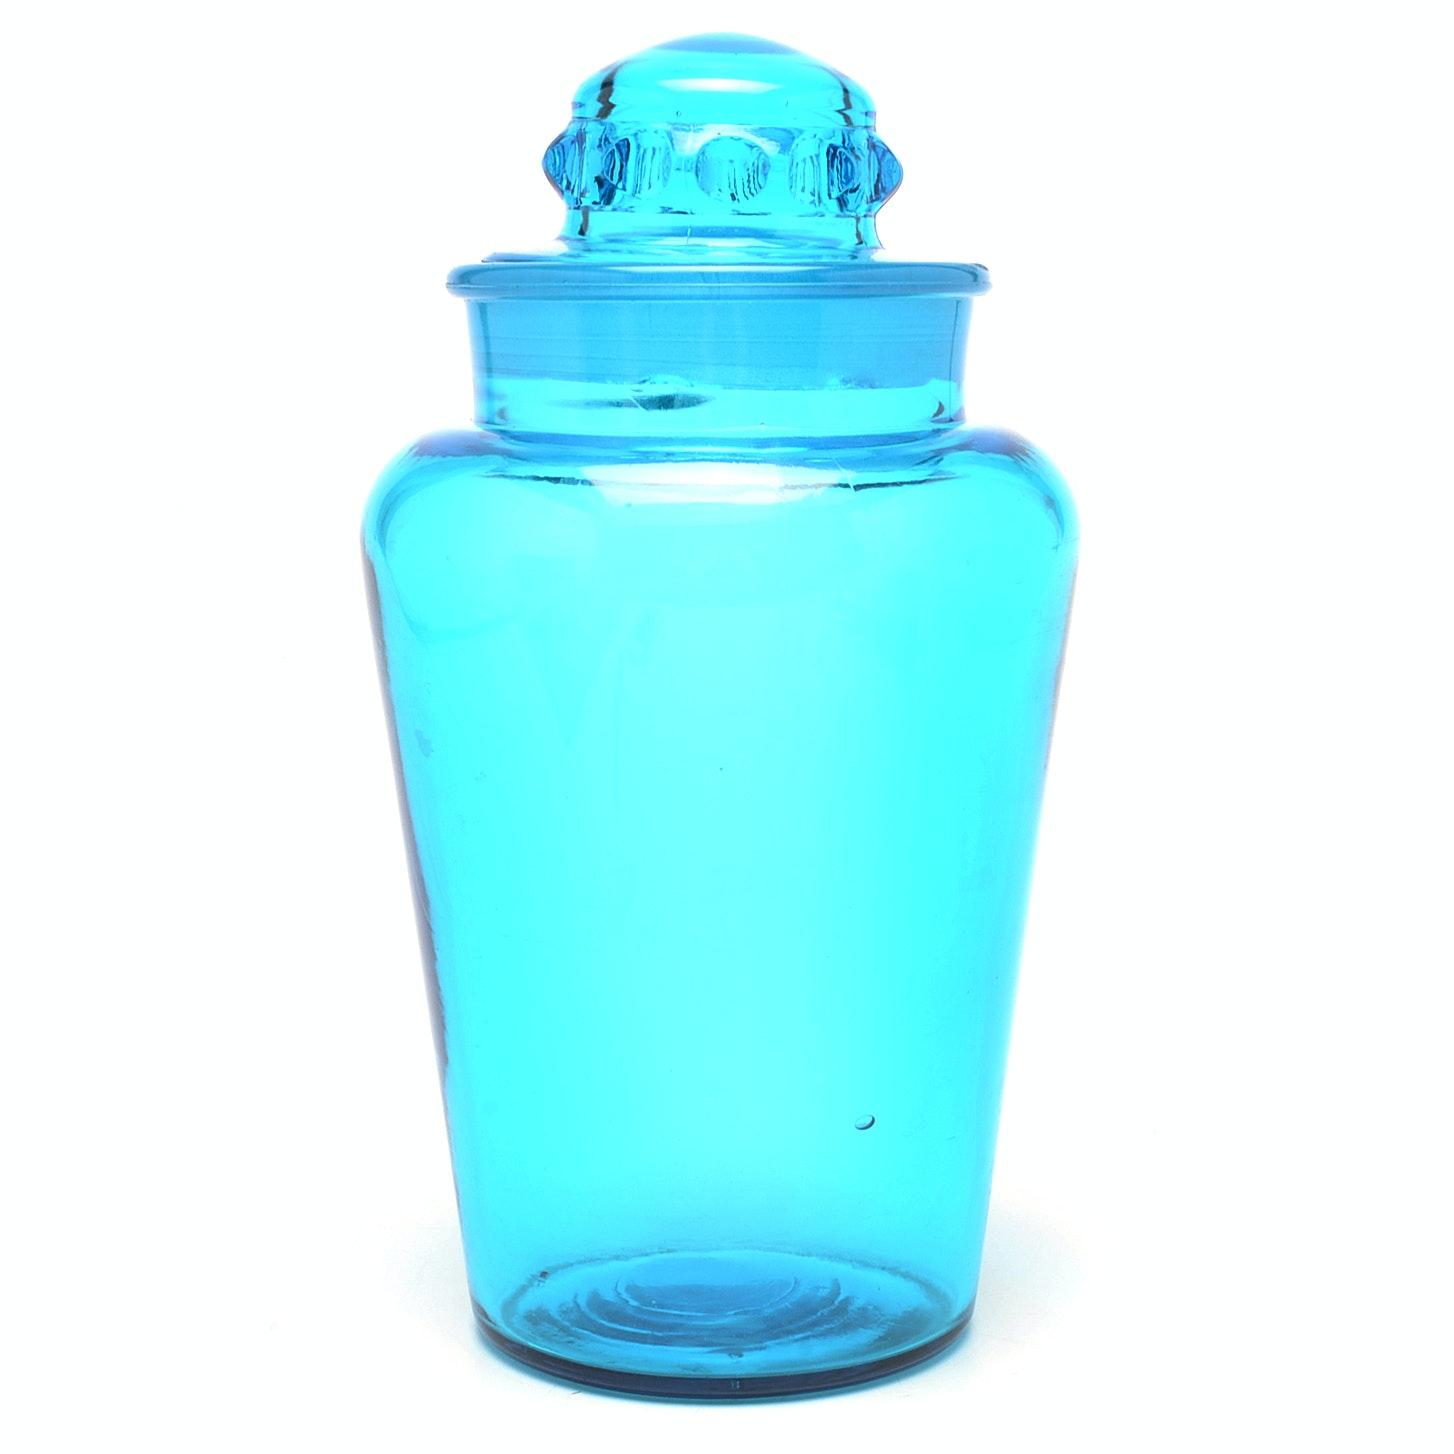 Vintage Blue Glass Lidded Jar